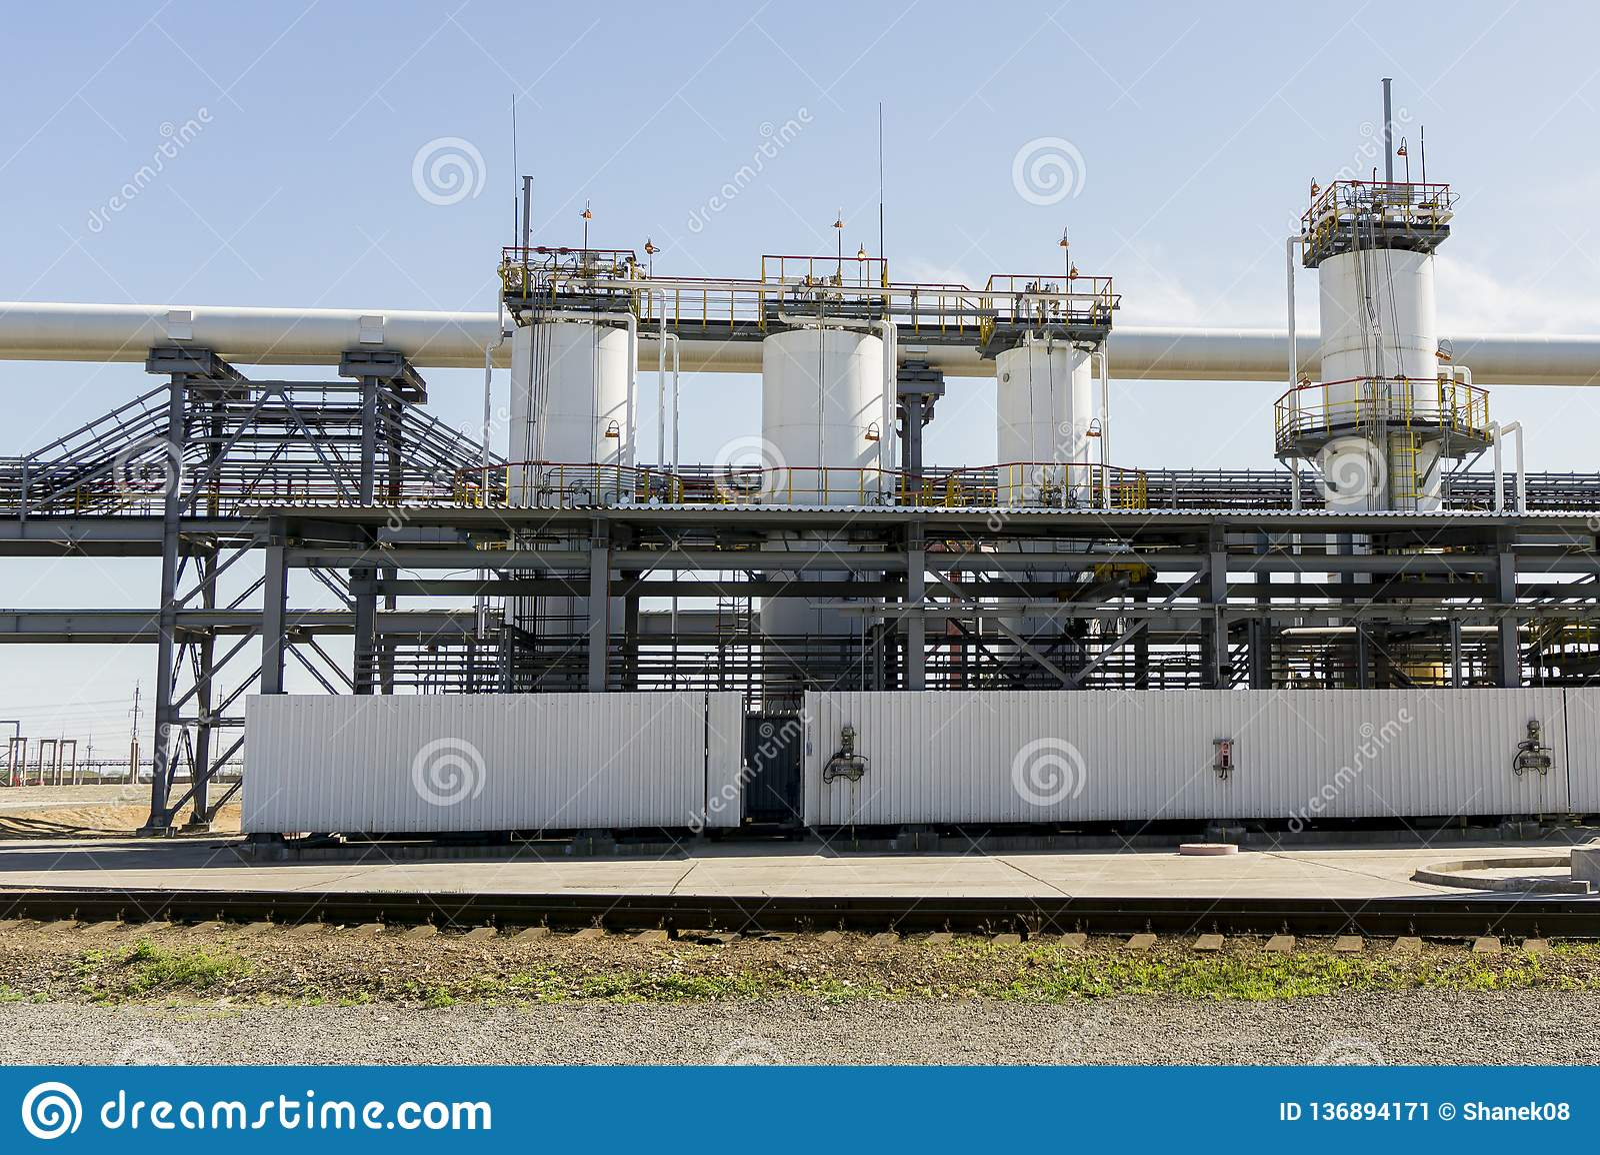 Нефтеперерабатывающее предприятие в России оборудование и комплексы для обработки углерода Раздел технологических столбцов для из